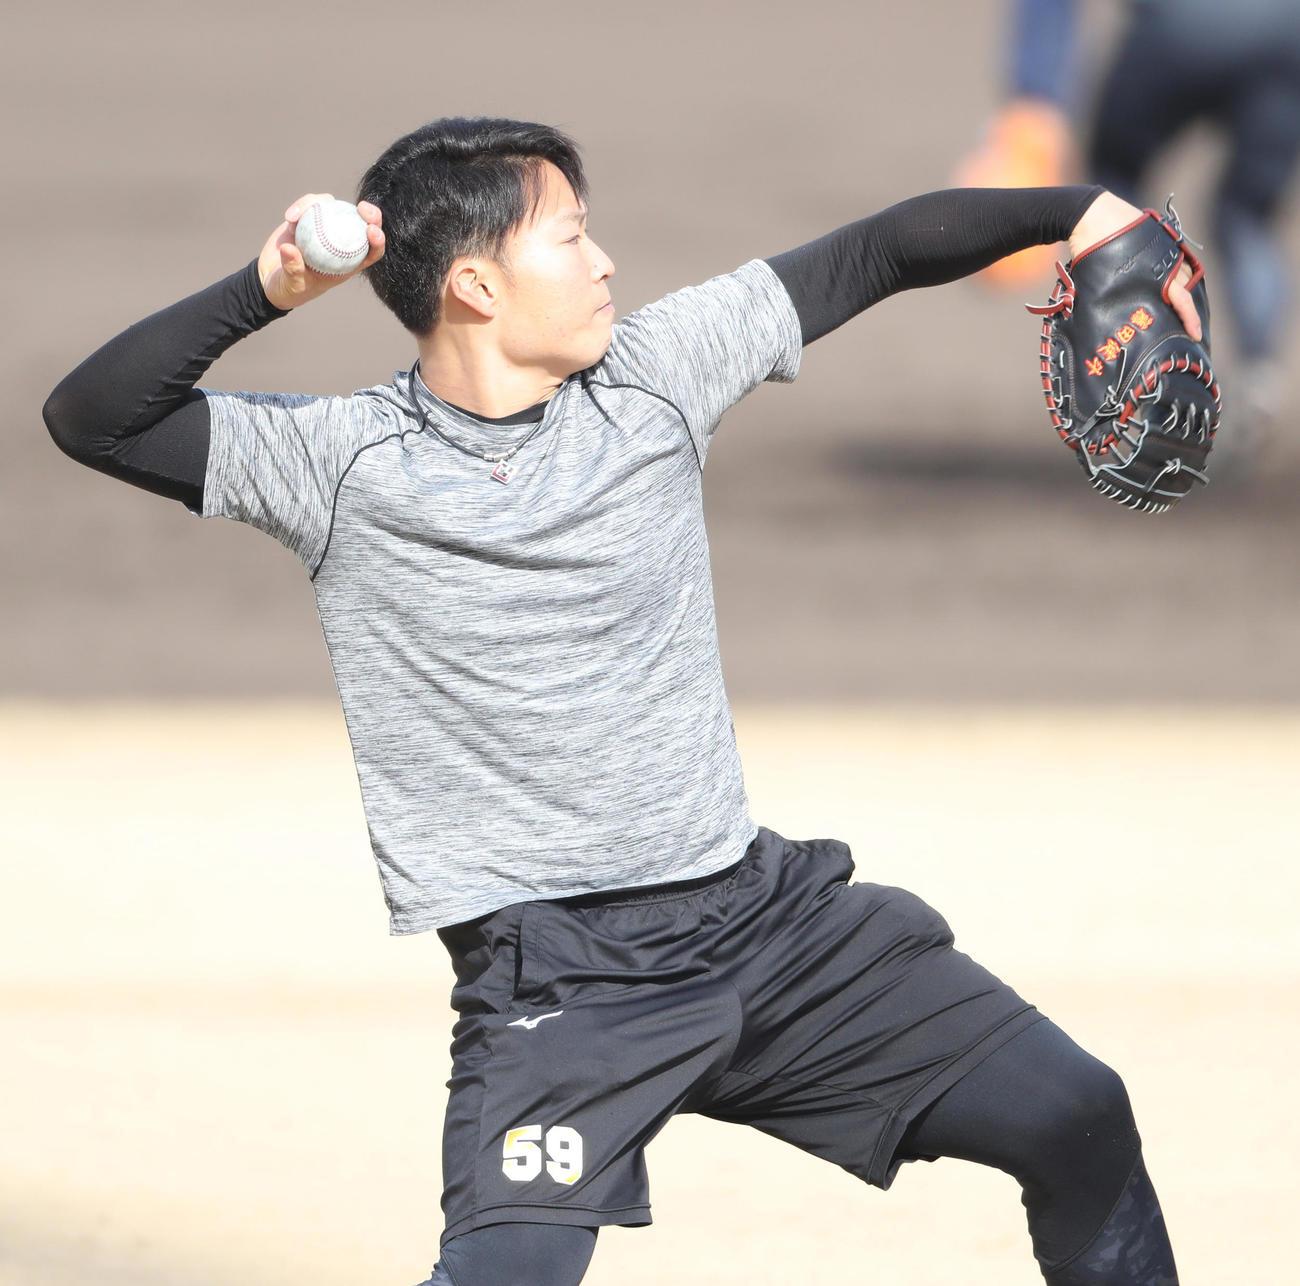 キャッチボールする藤田健斗(代表撮影)